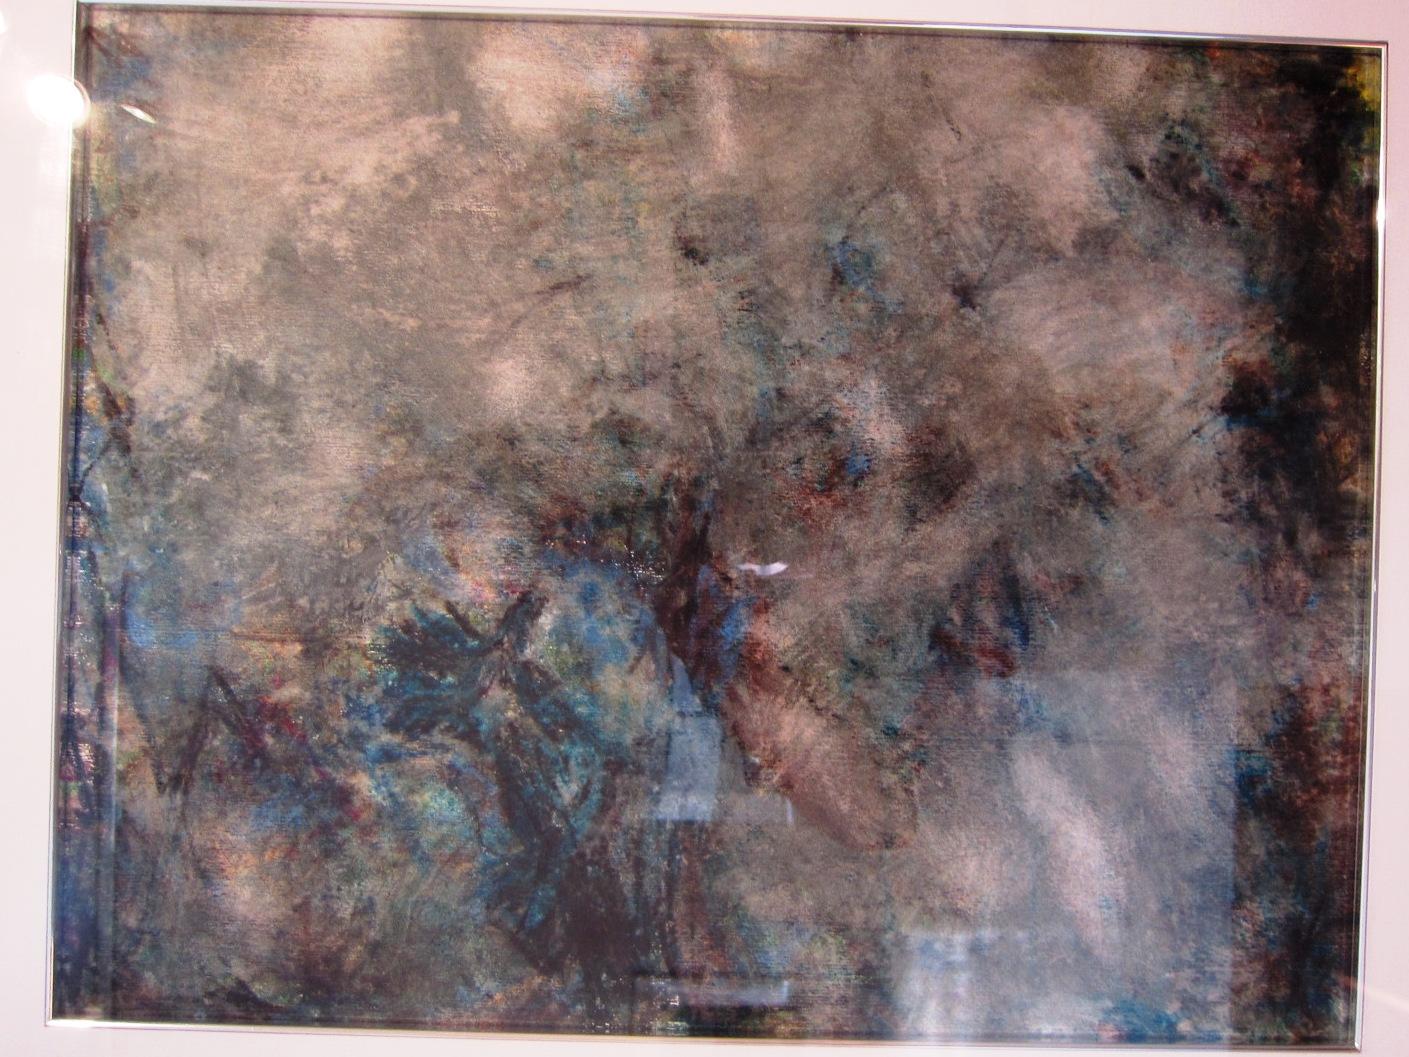 2116)「田中綠 展」 ミヤシタ 7月10日(水)~7月28日(日)_f0126829_10464543.jpg